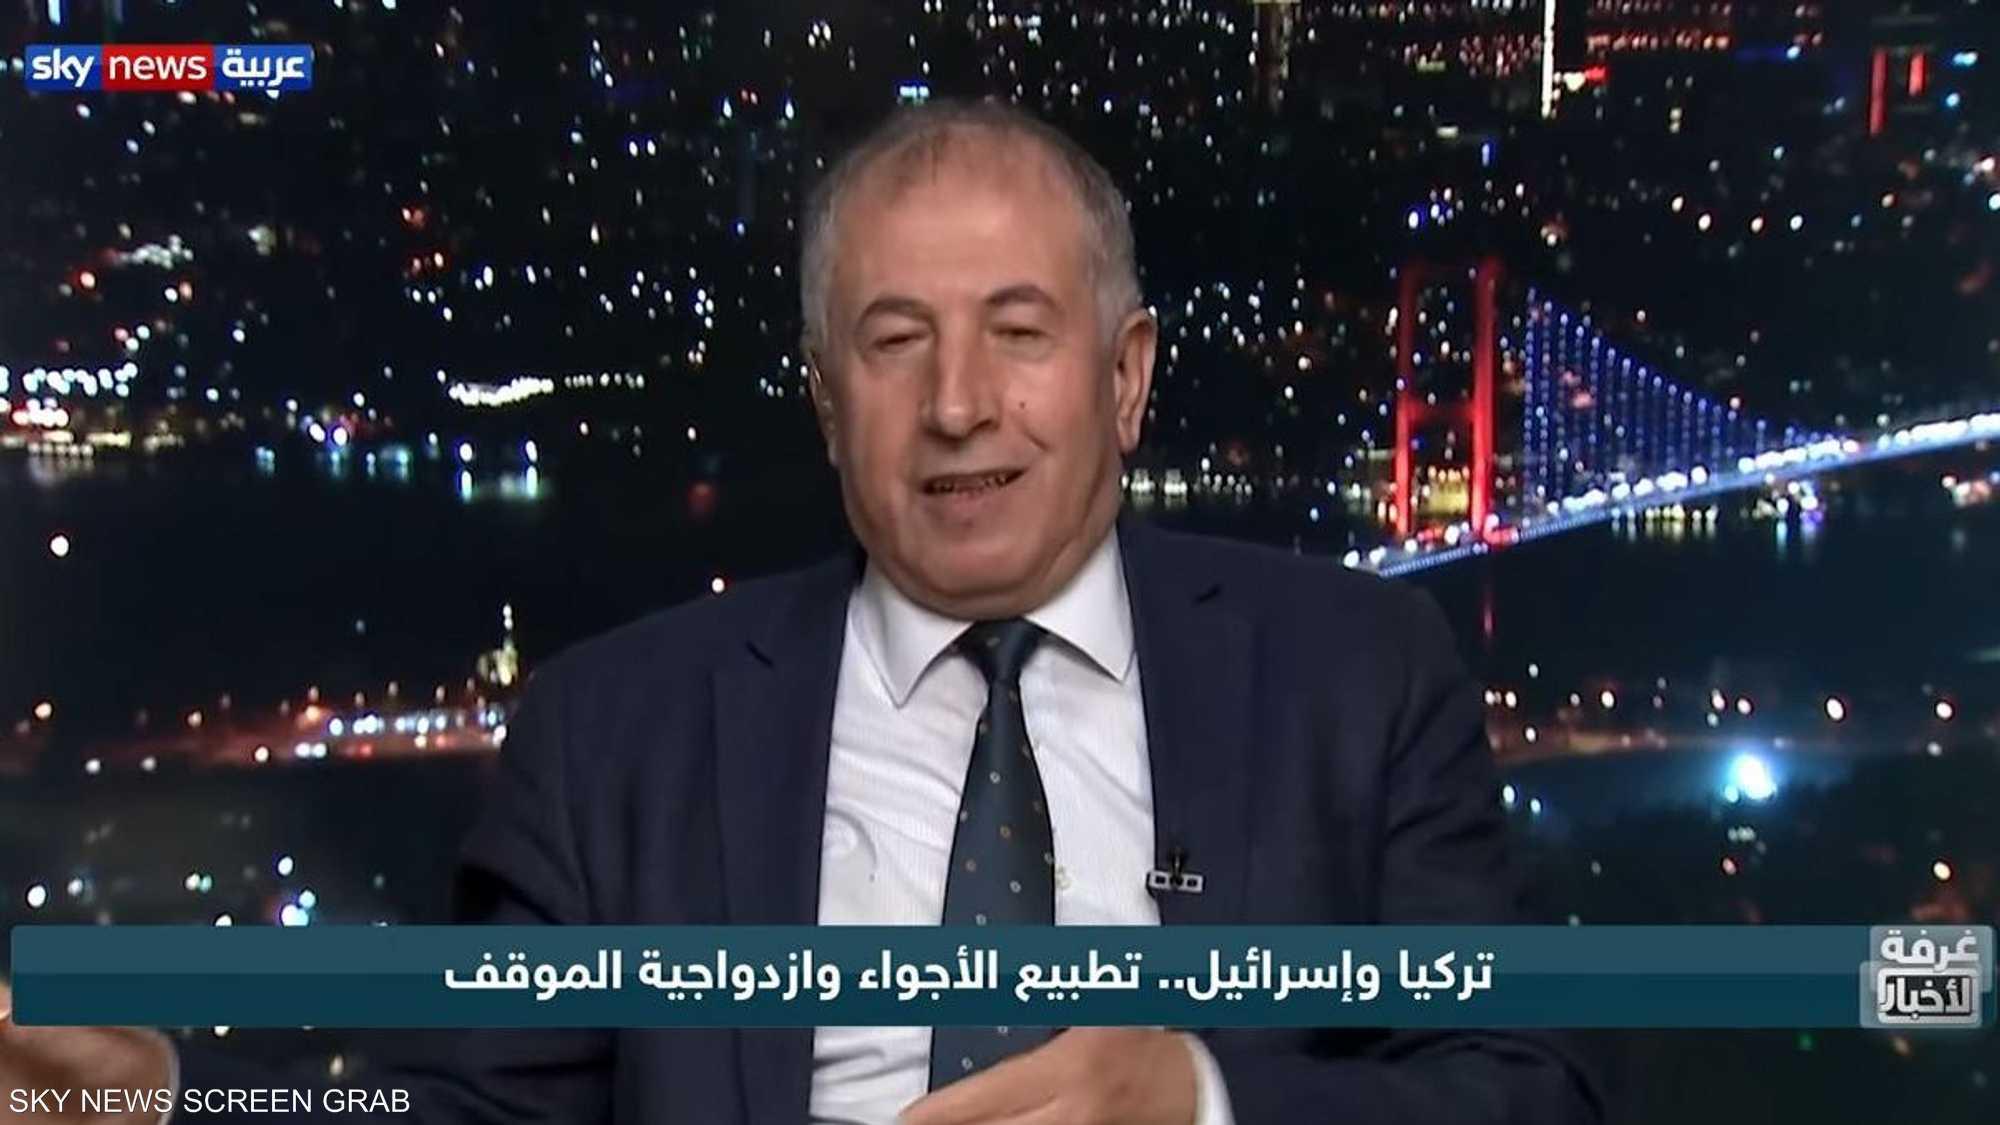 تركيا وإسرائيل.. تطبيع الأجواء وازدواجية الموقف